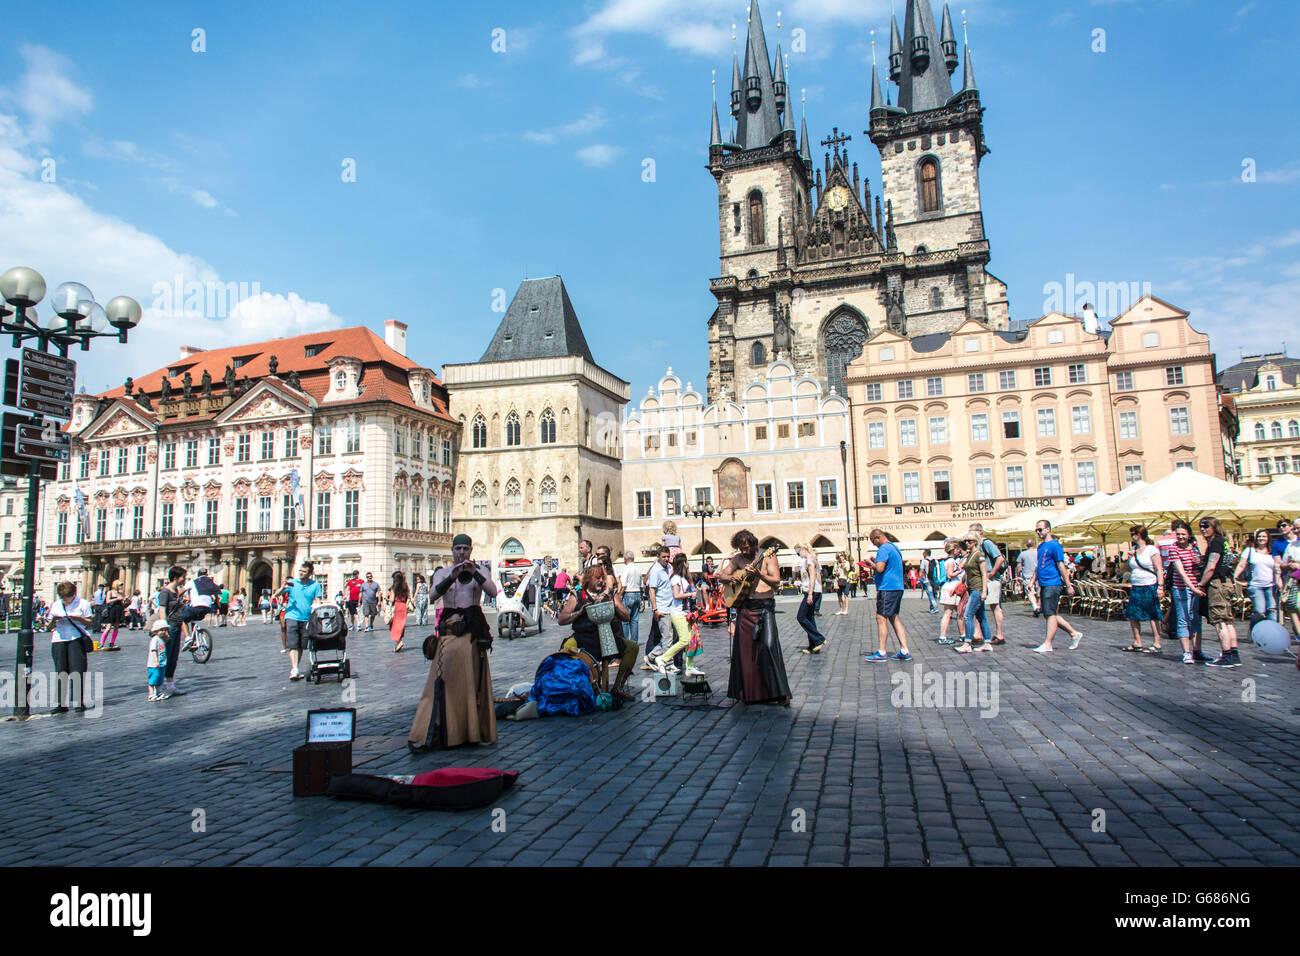 Artisti e turisti sulla piazza di Praga Immagini Stock